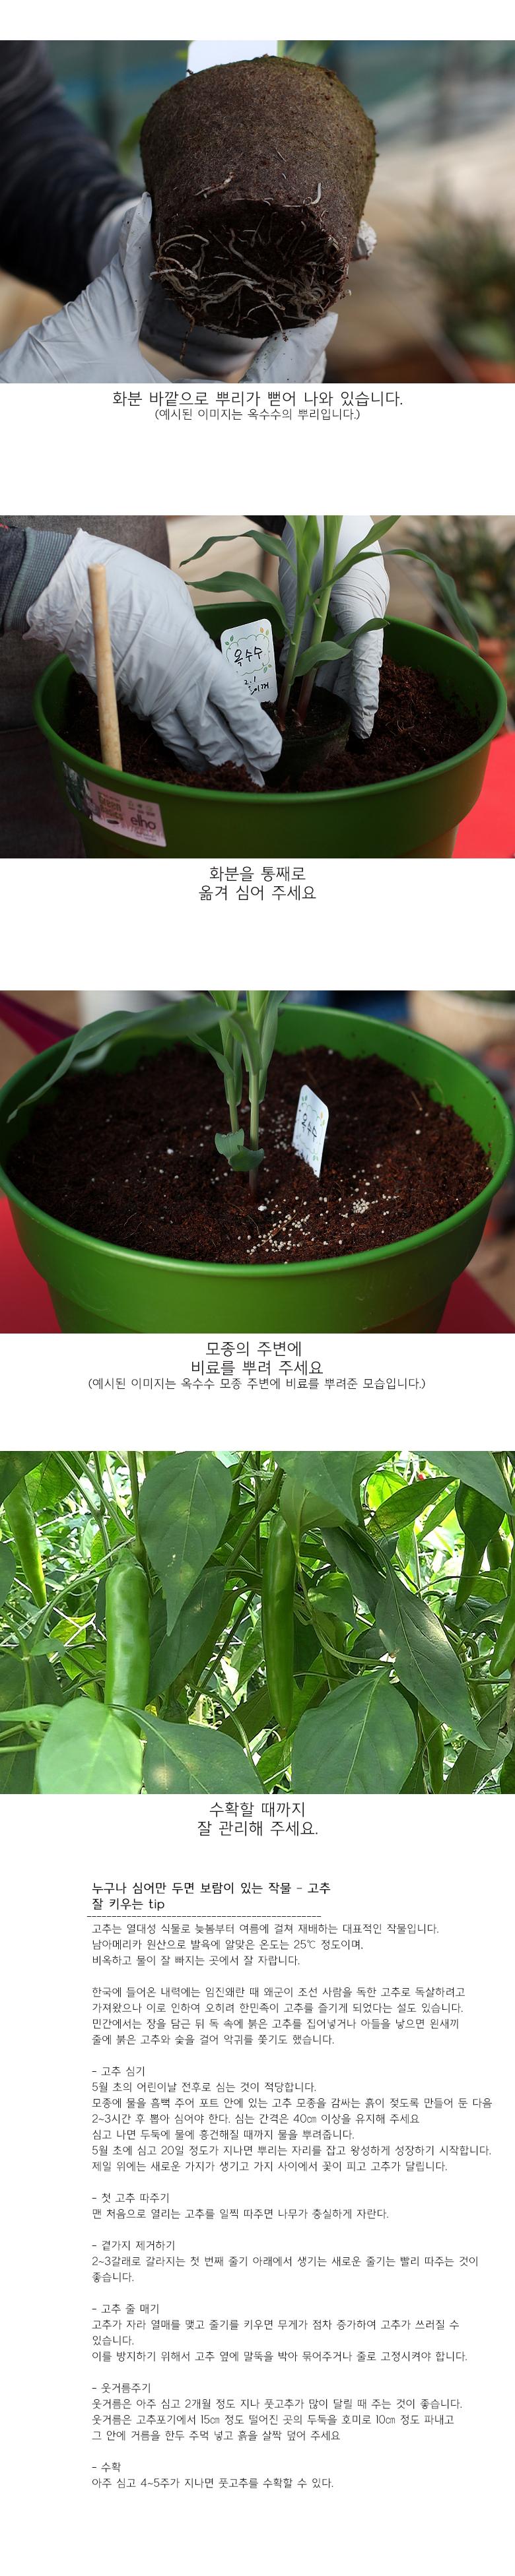 팜팜농장_고추 모종키우기 - 틔움세상, 3,000원, 새싹/모종키우기, 새싹 키우기